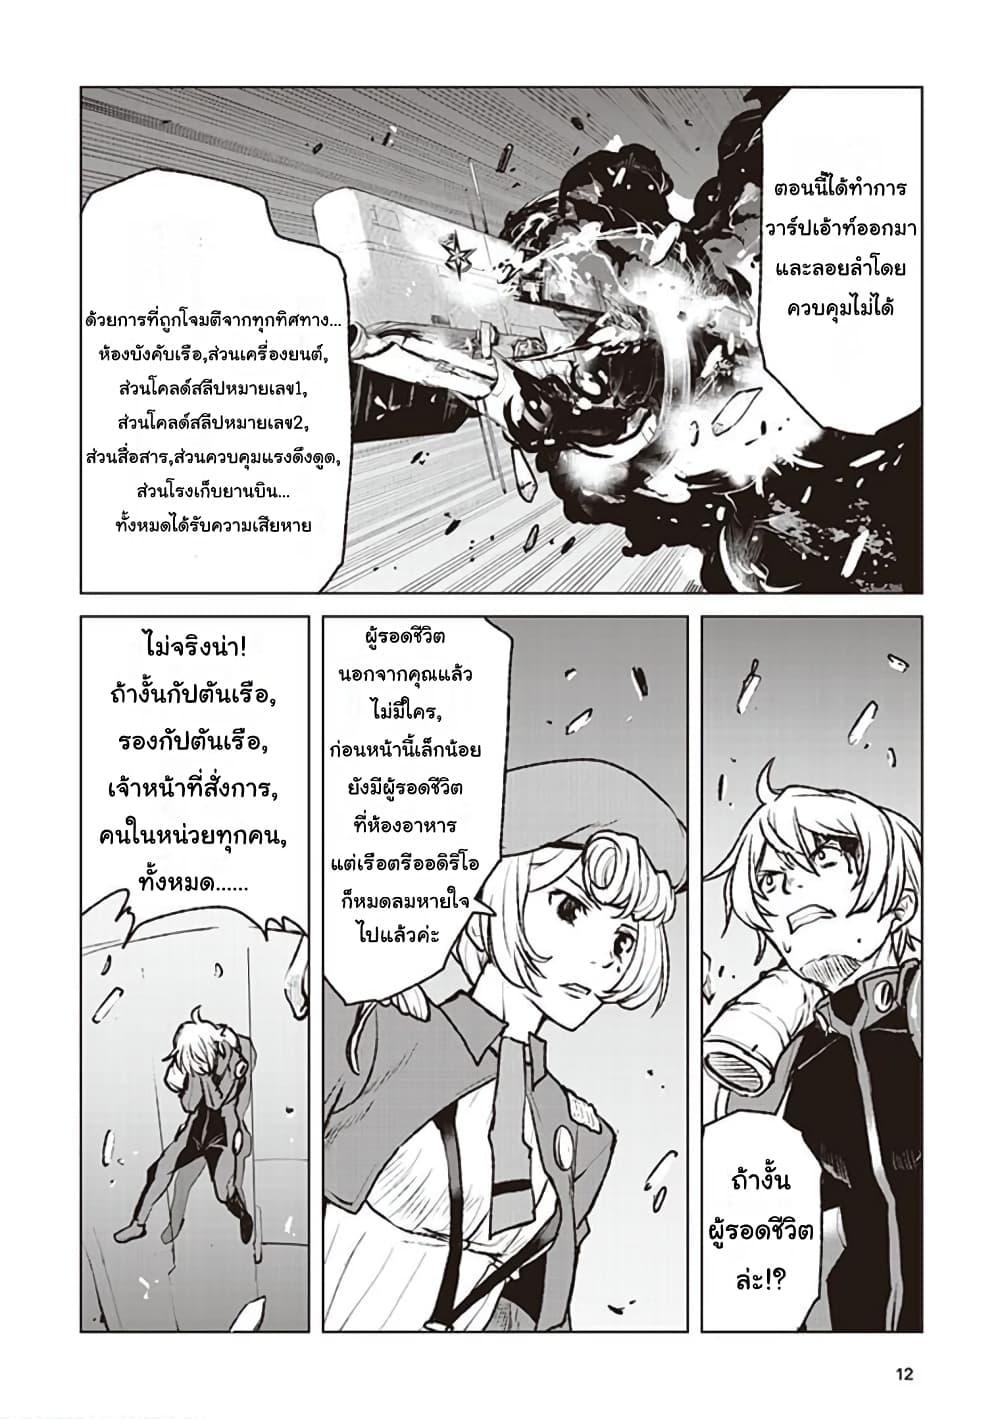 อ่านการ์ตูน The Galactic Navy Officer Becomes an Adventurer ตอนที่ 1 หน้าที่ 12